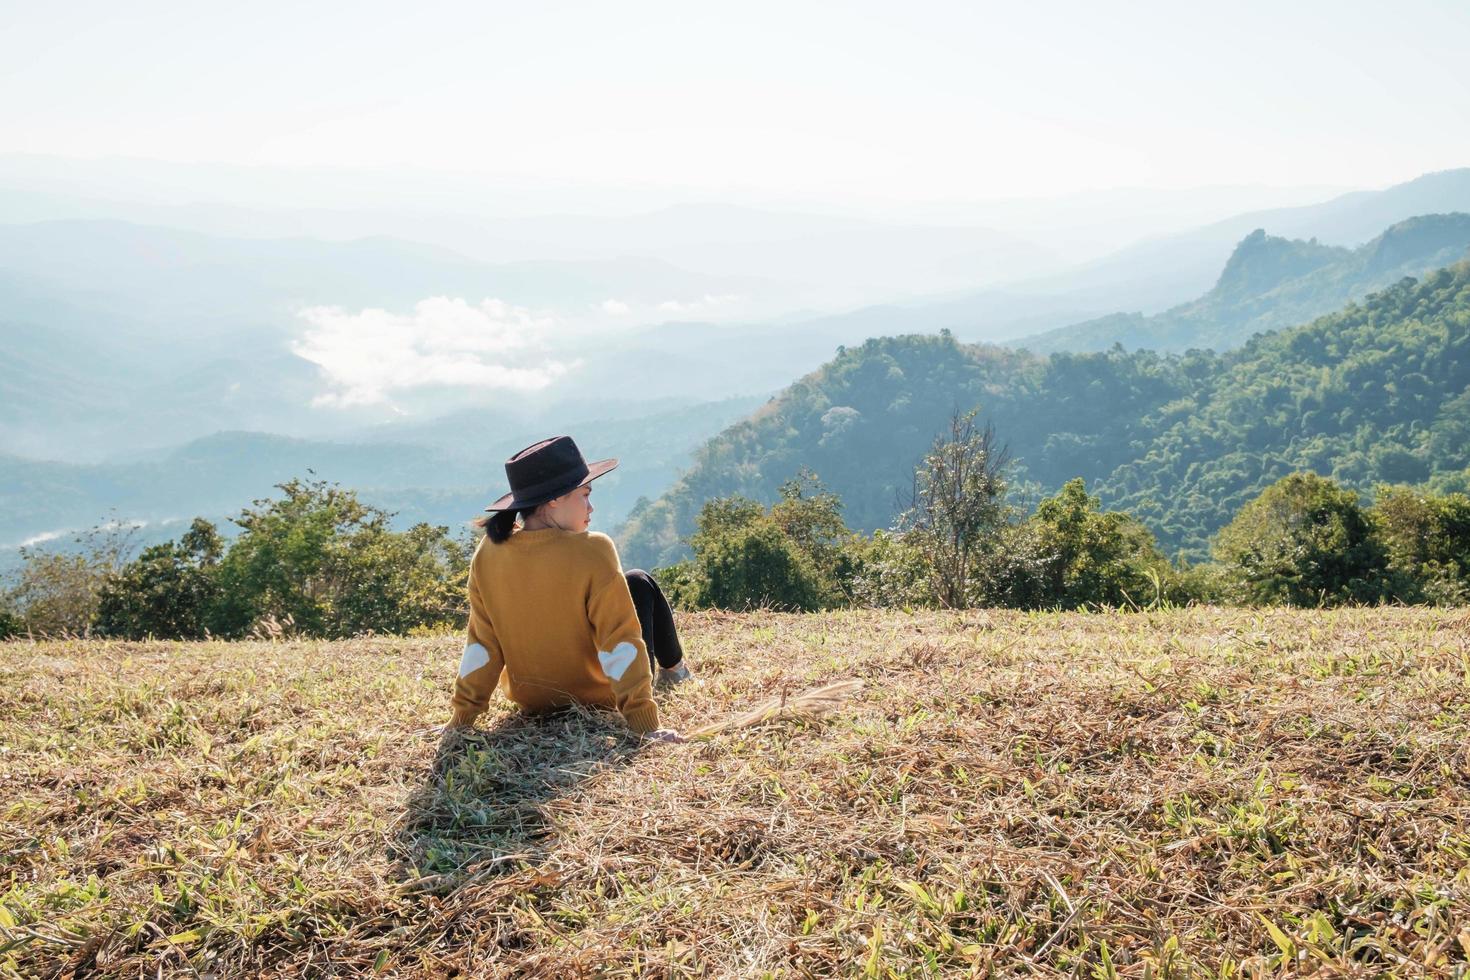 mujer sentada y contemplando la vista foto